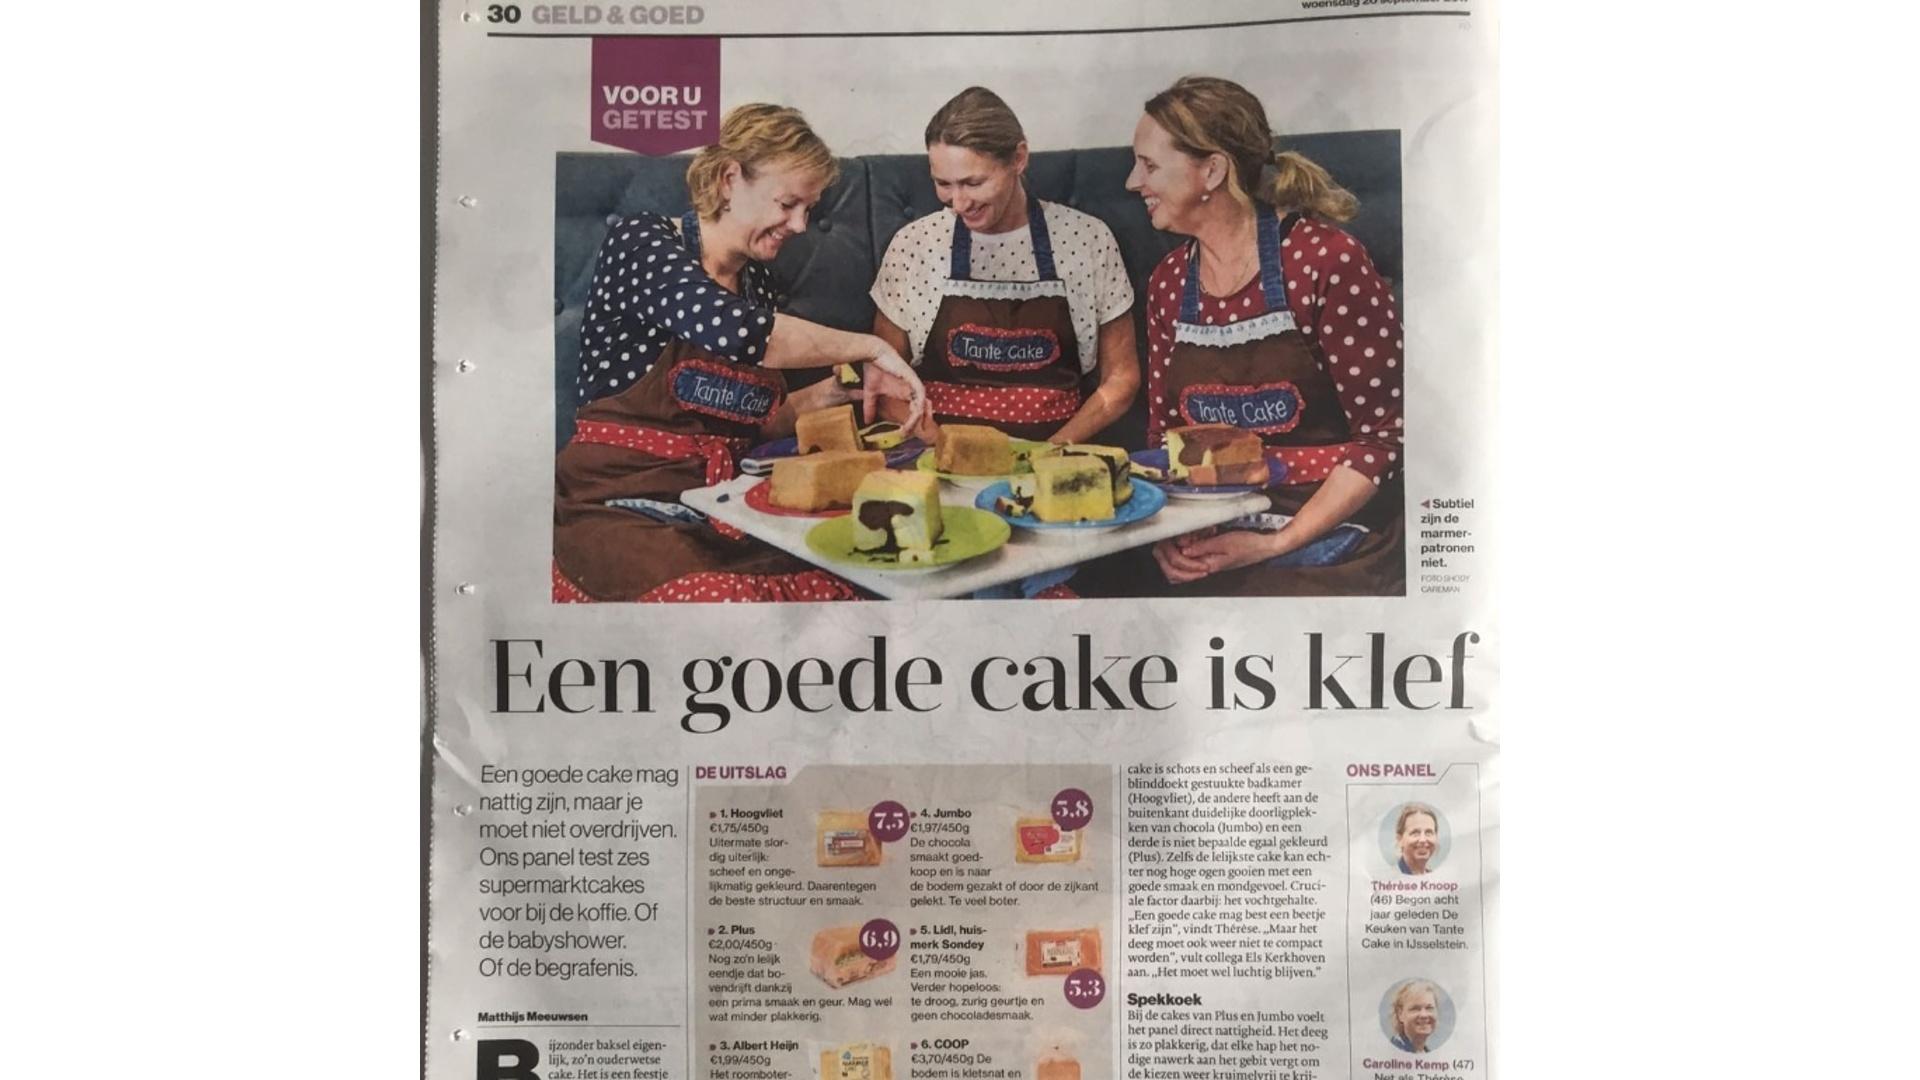 De Keuken van Tante Cake